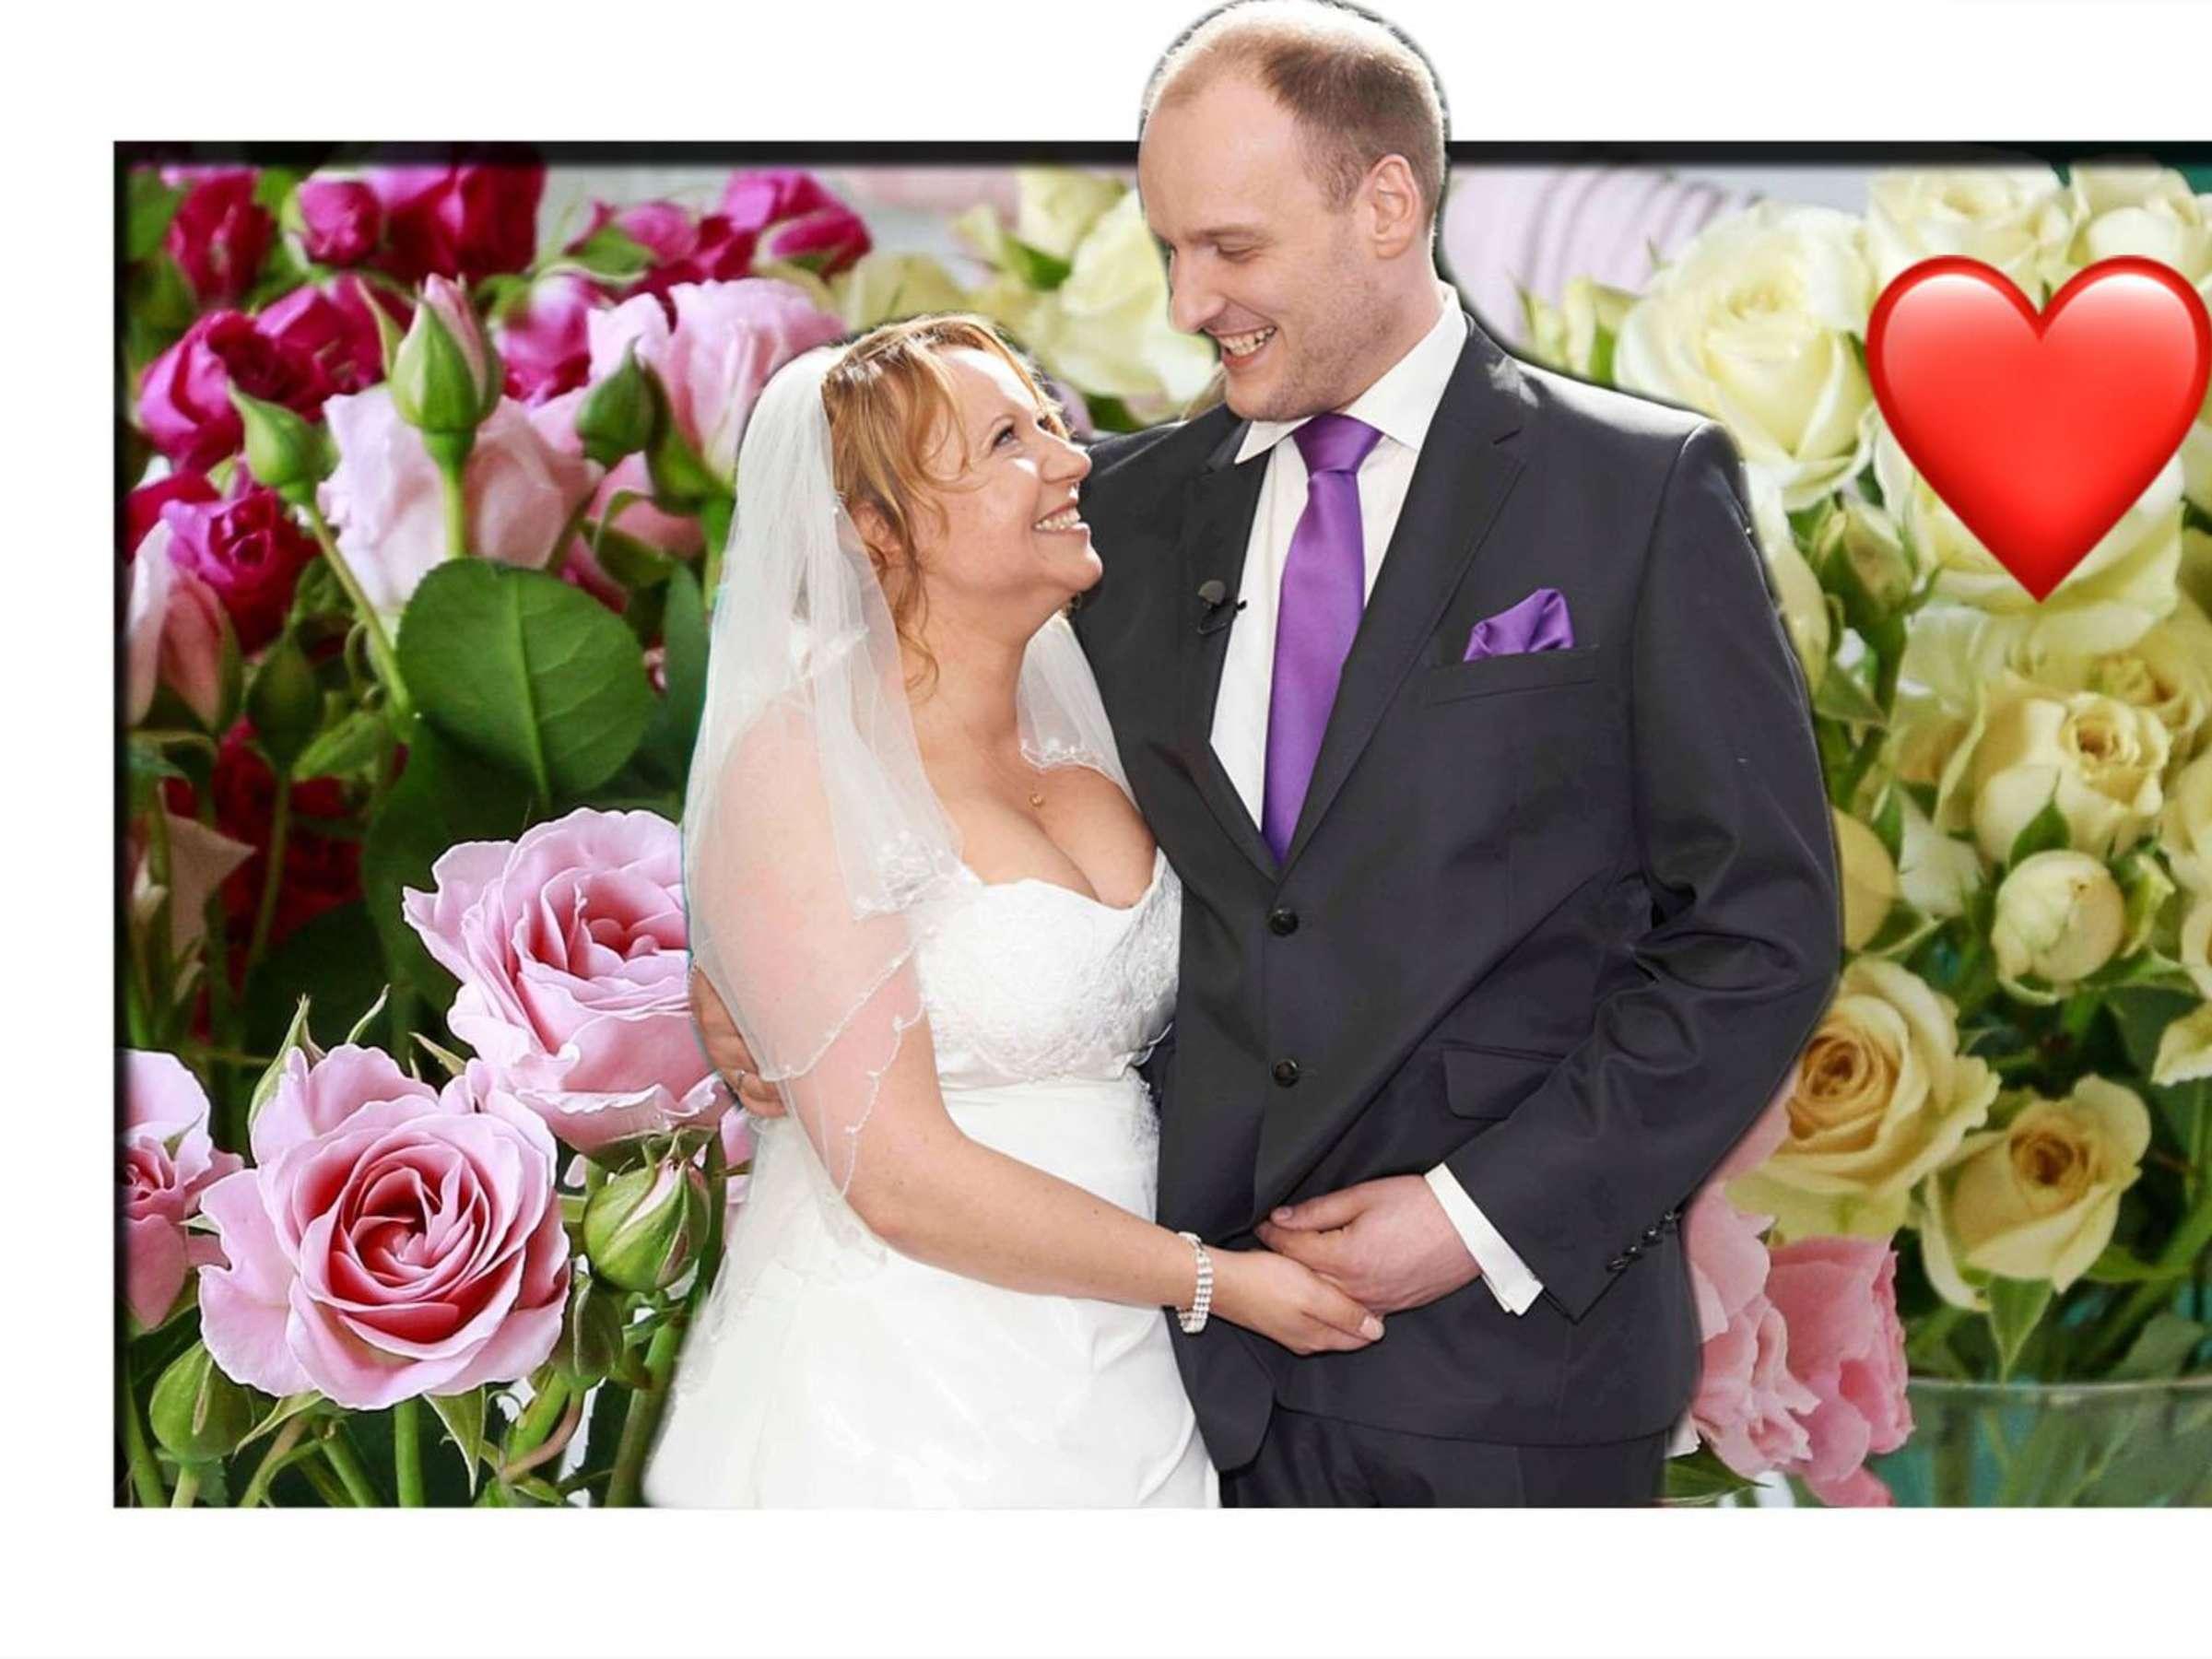 Hochzeit Auf Den Ersten Blick Sat 1 Erstes Tv Paar Lasst Sich Nach 7 Jahren Ehe Scheiden Tv